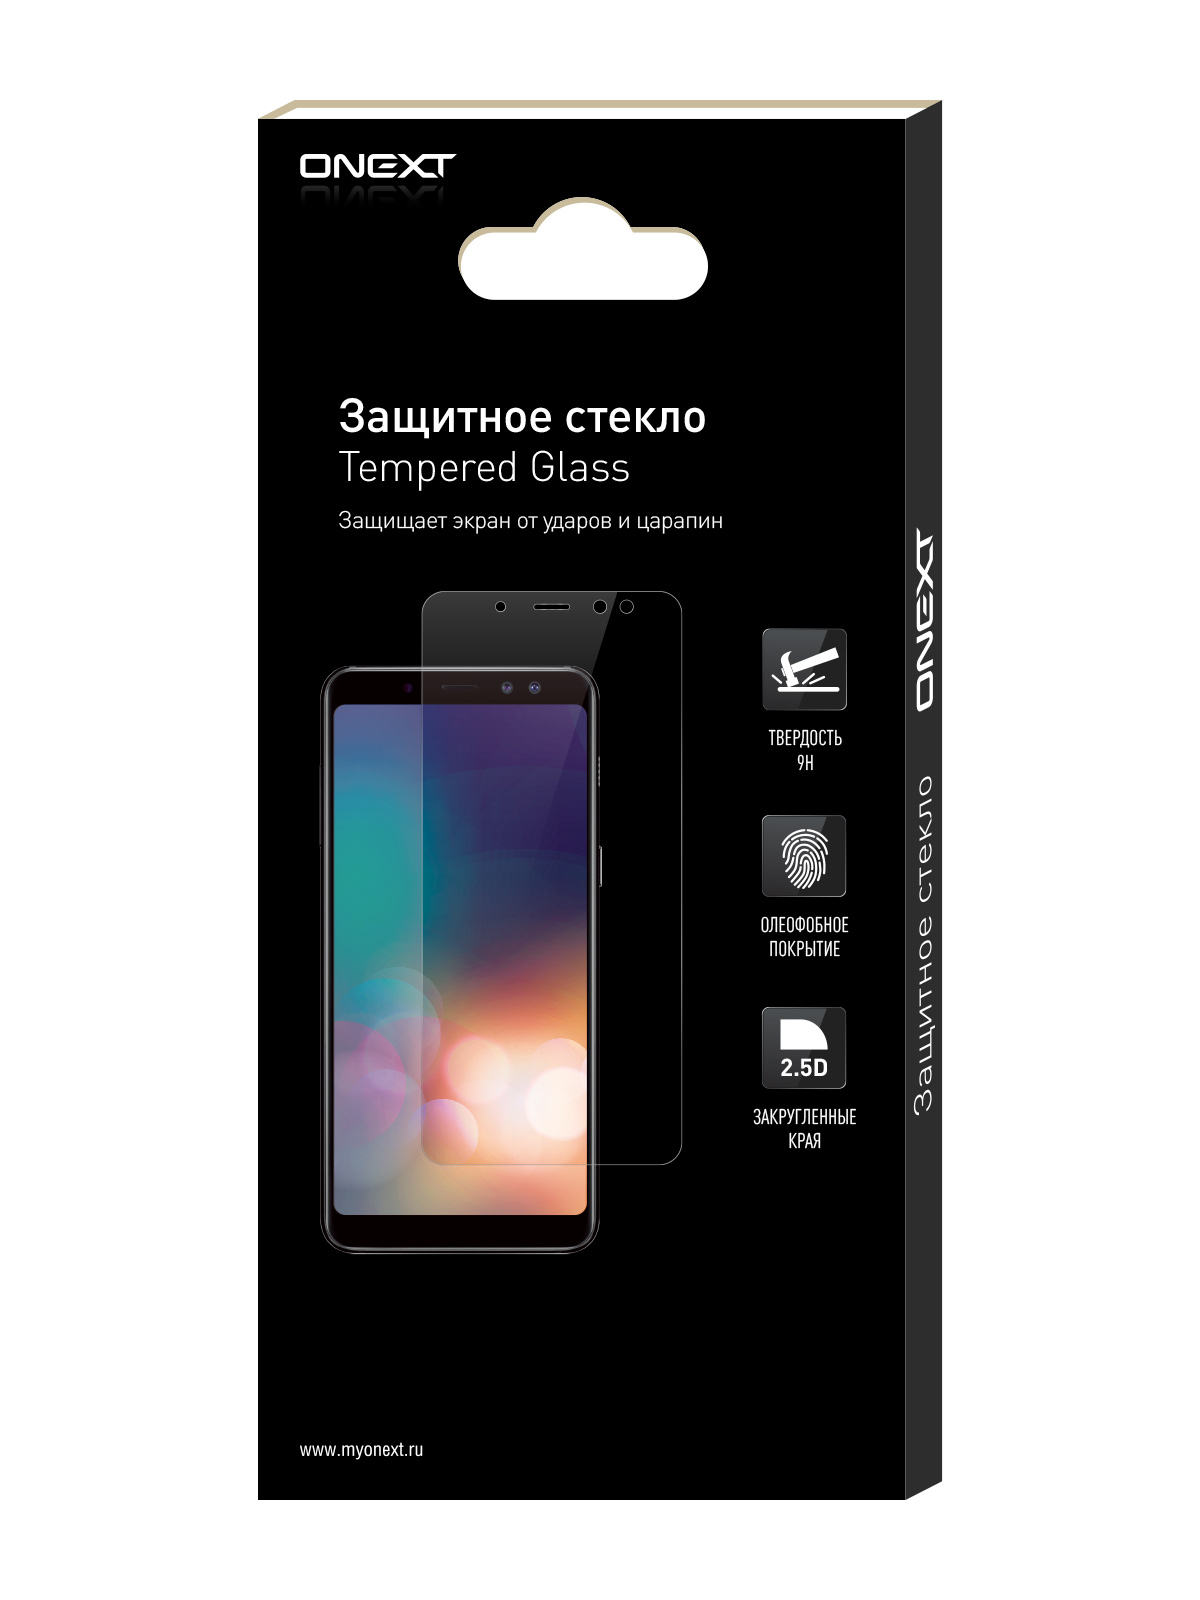 Защитное стекло ONEXT Xiaomi Redmi 5 стекло защитное стекло для honor 10 onext 3d на весь экран с черной рамкой